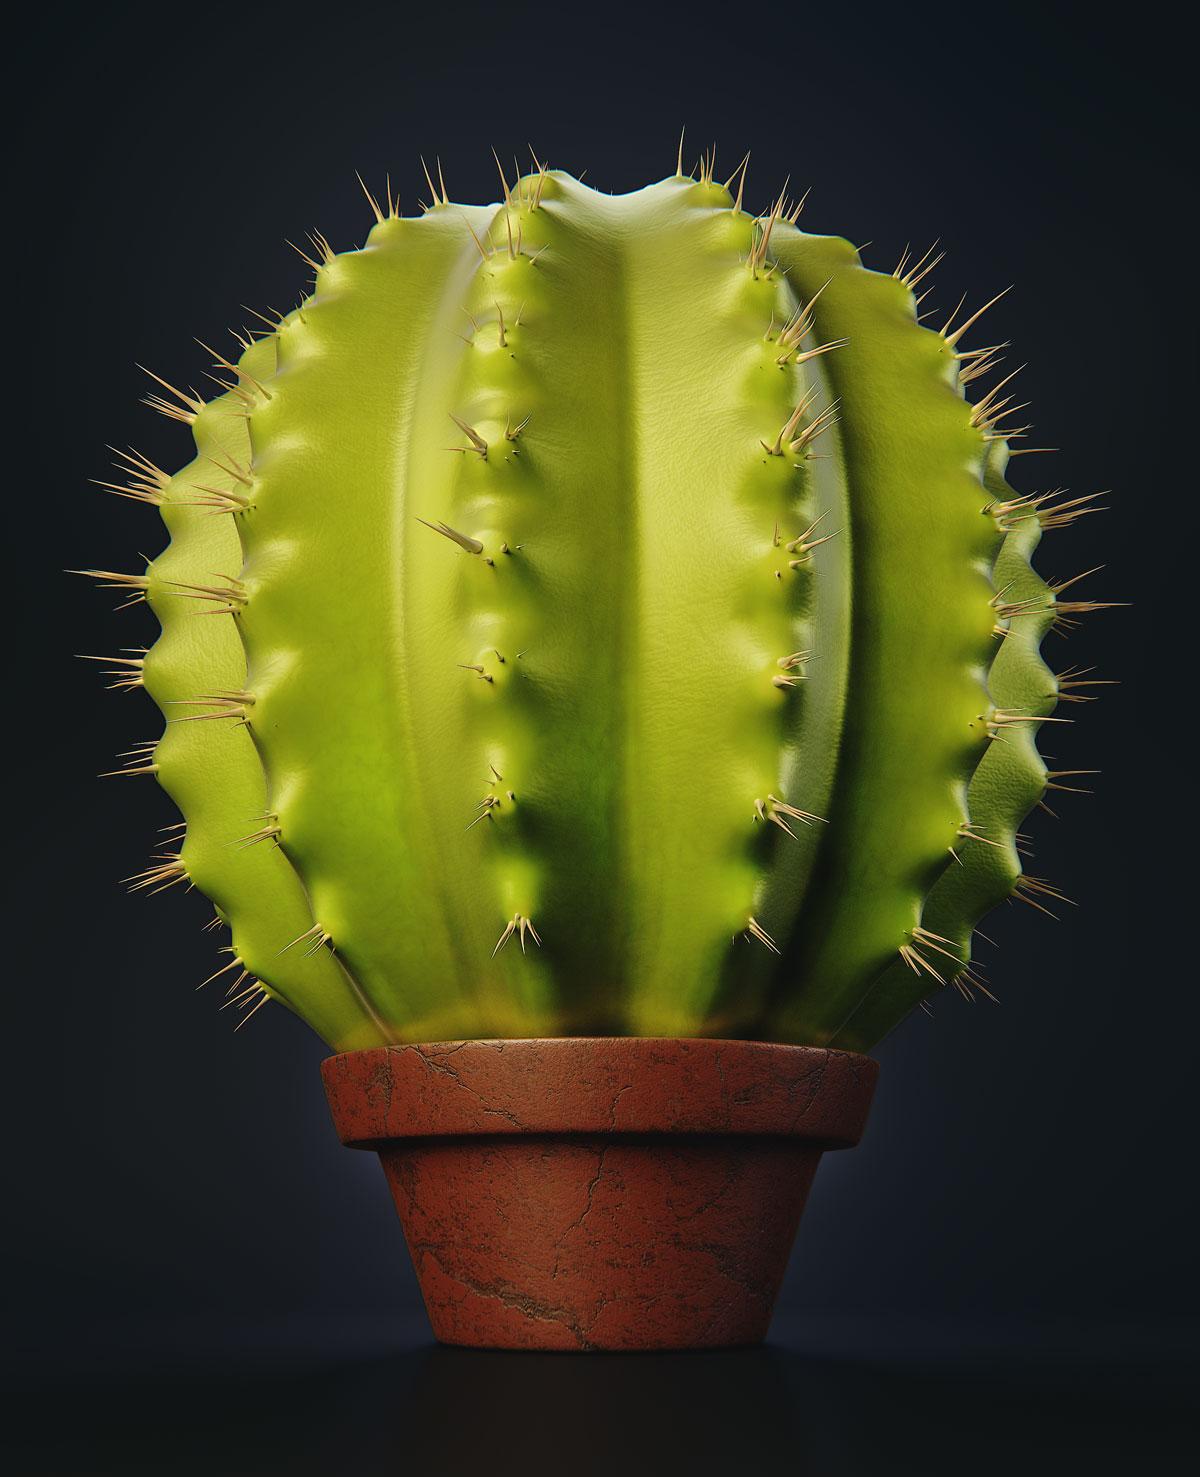 Cactus_Composited_01